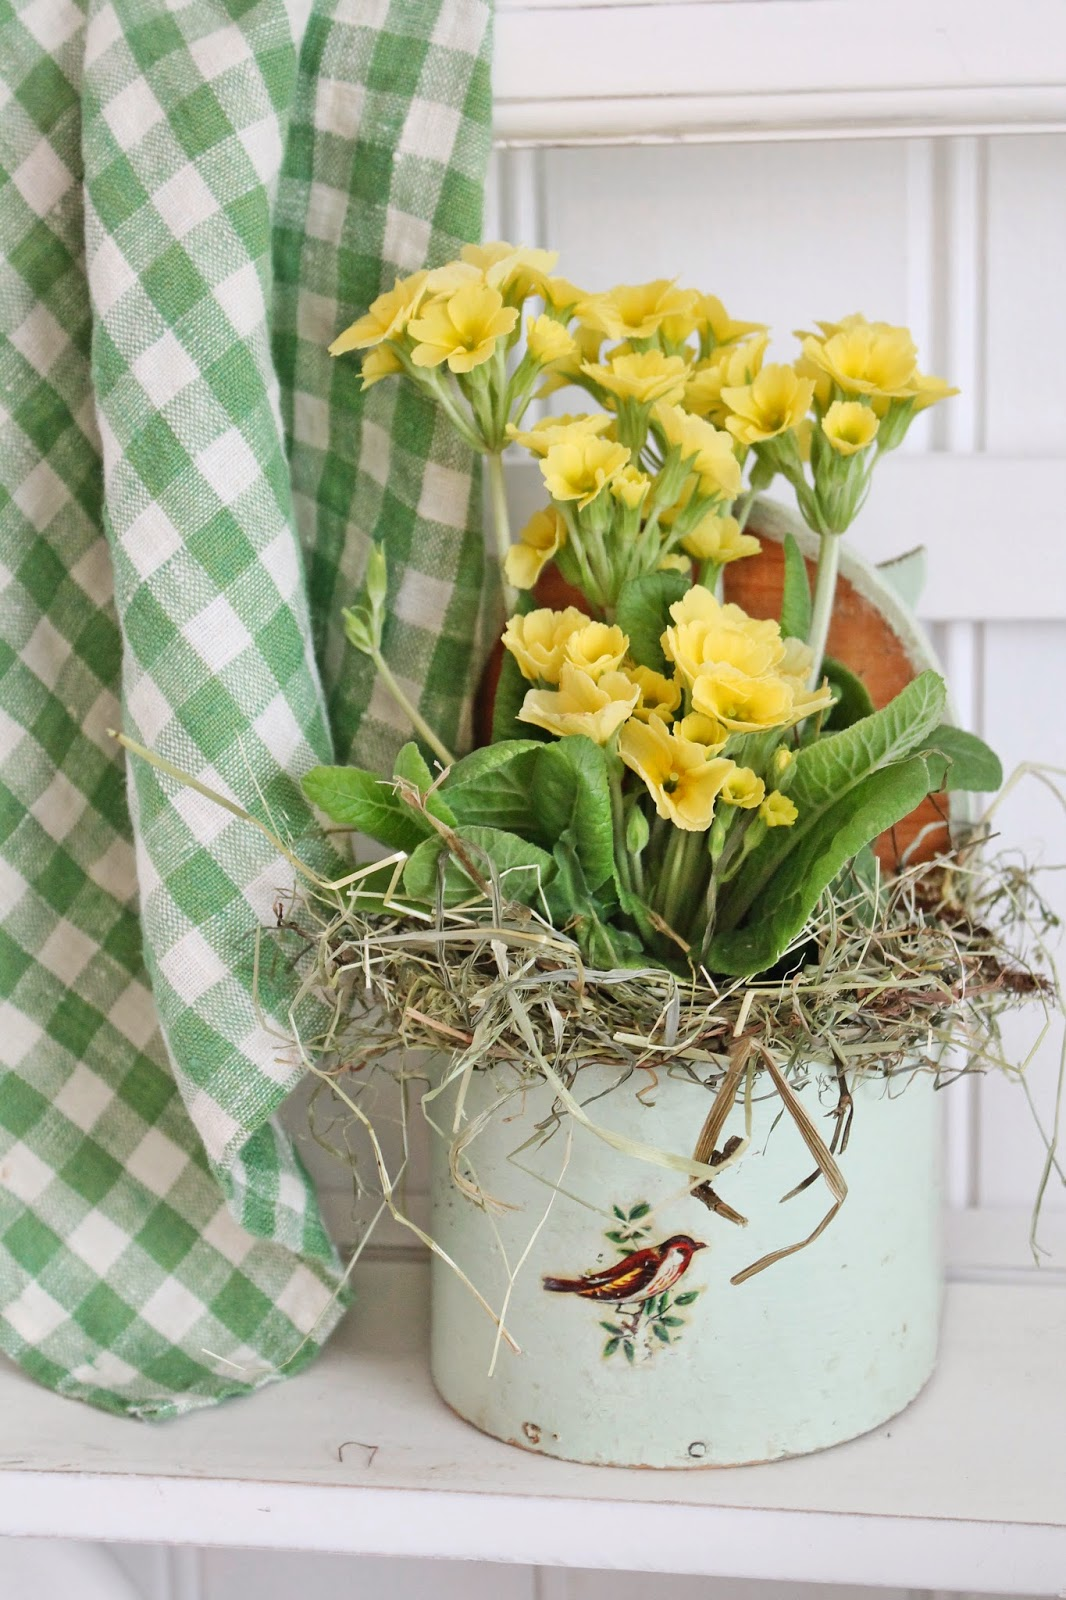 dekor/vesennie-cvety-k-pashe-foto-9.jpg